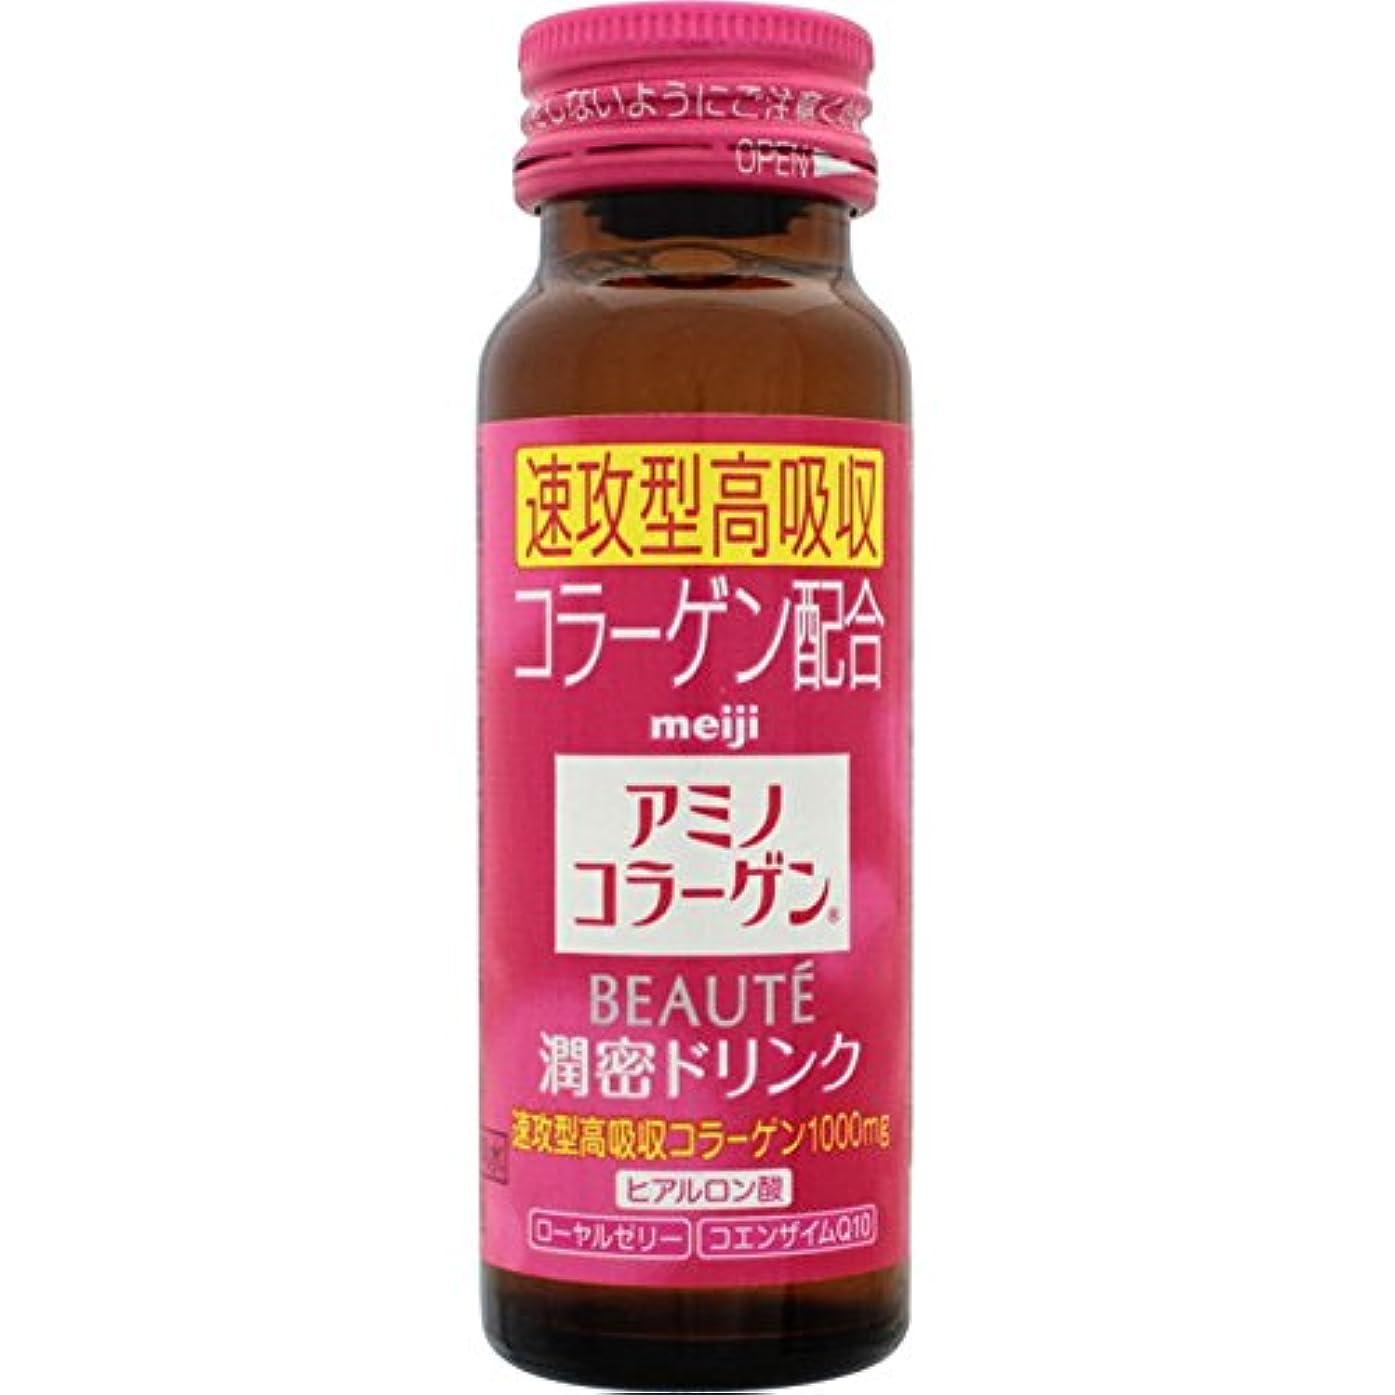 前投薬深い挑む明治 アミノコラーゲン BEAUTE(ボーテ) ドリンク 1P